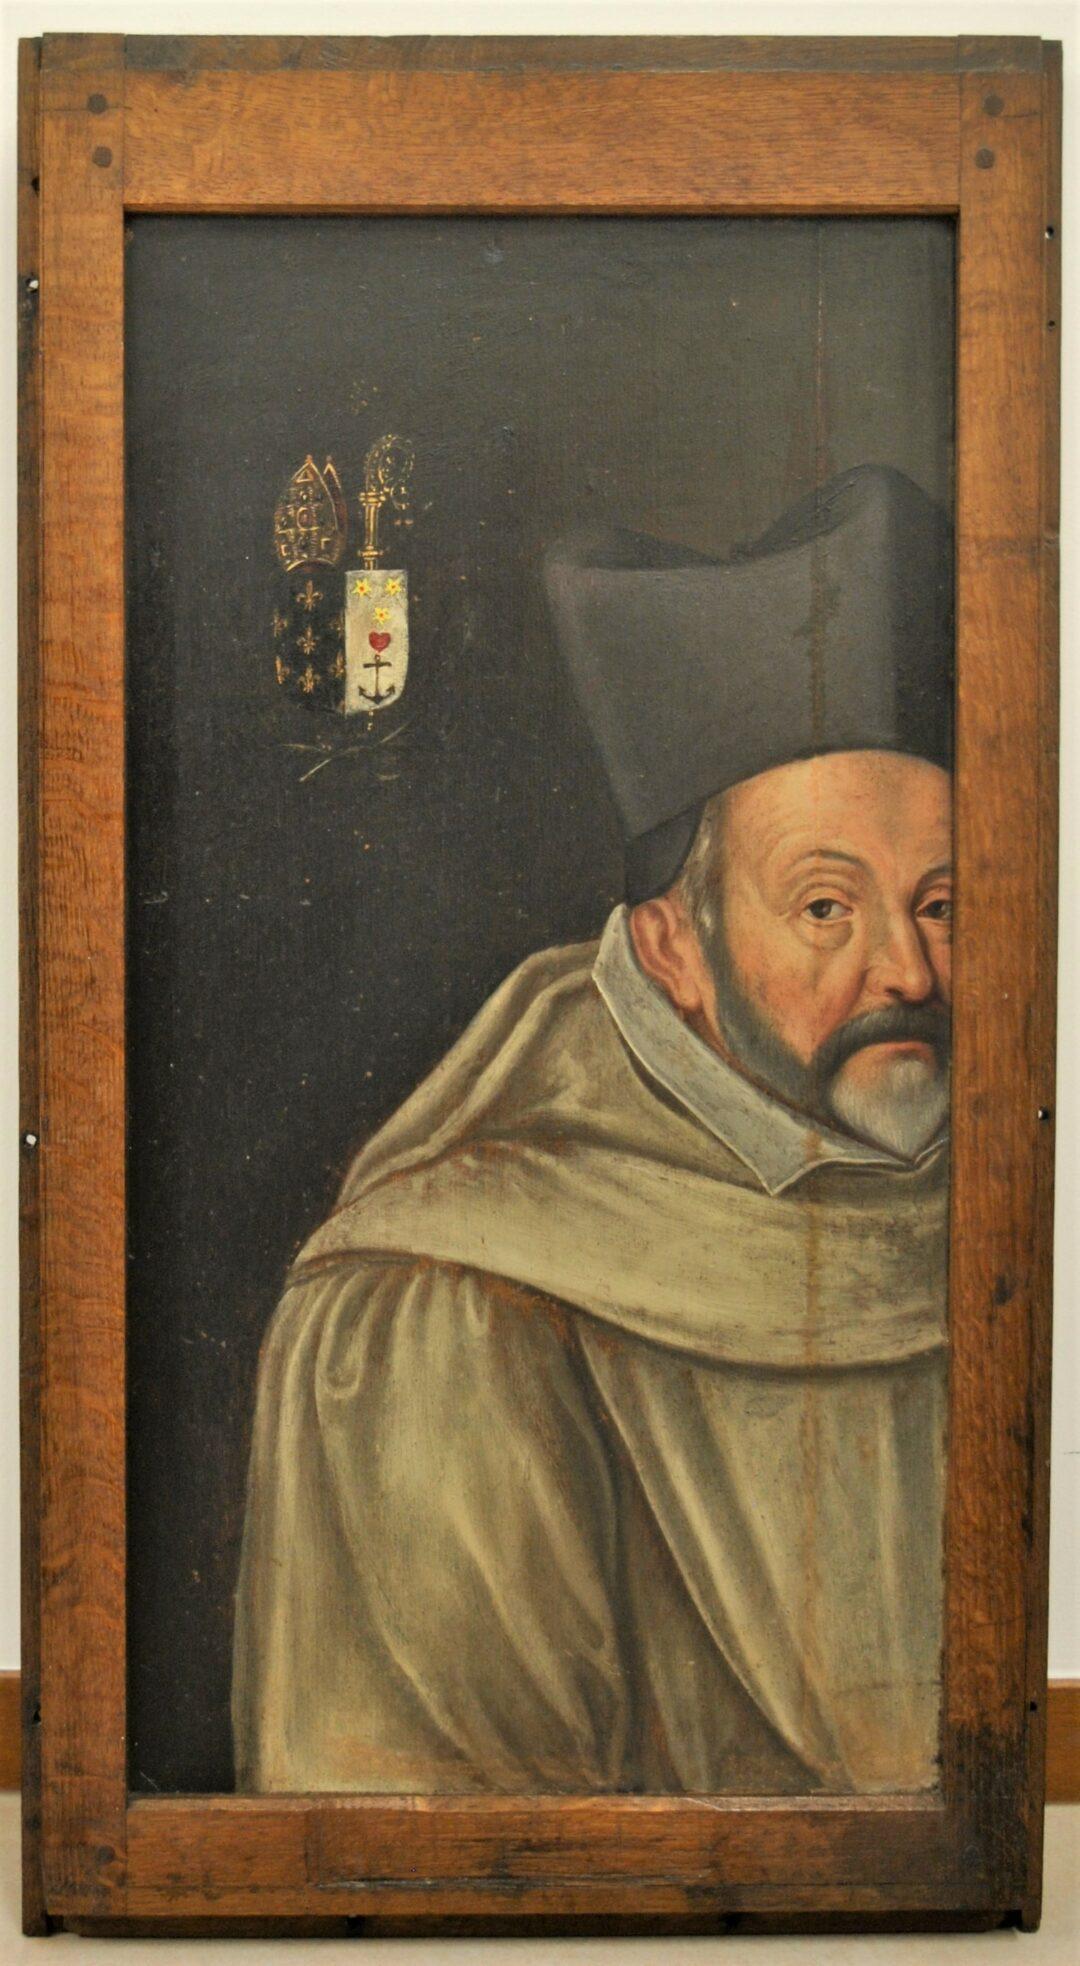 Franière – Eglise – Restauration d'une peinture